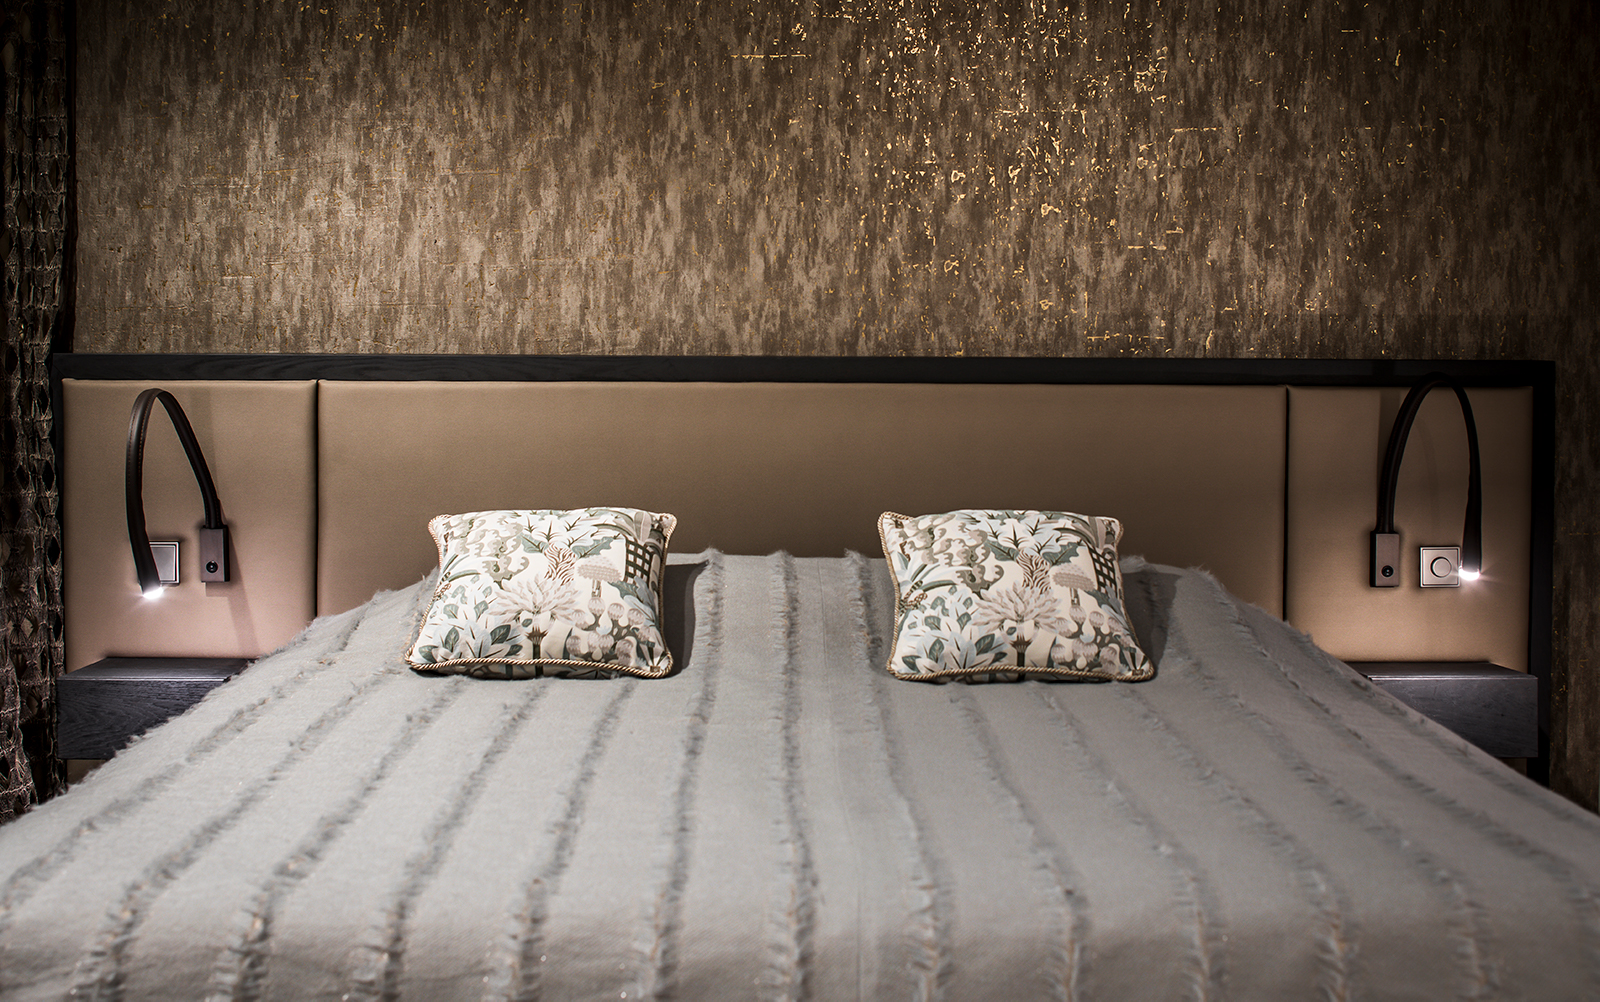 linda lagrand, slaapkamer, inspiratie